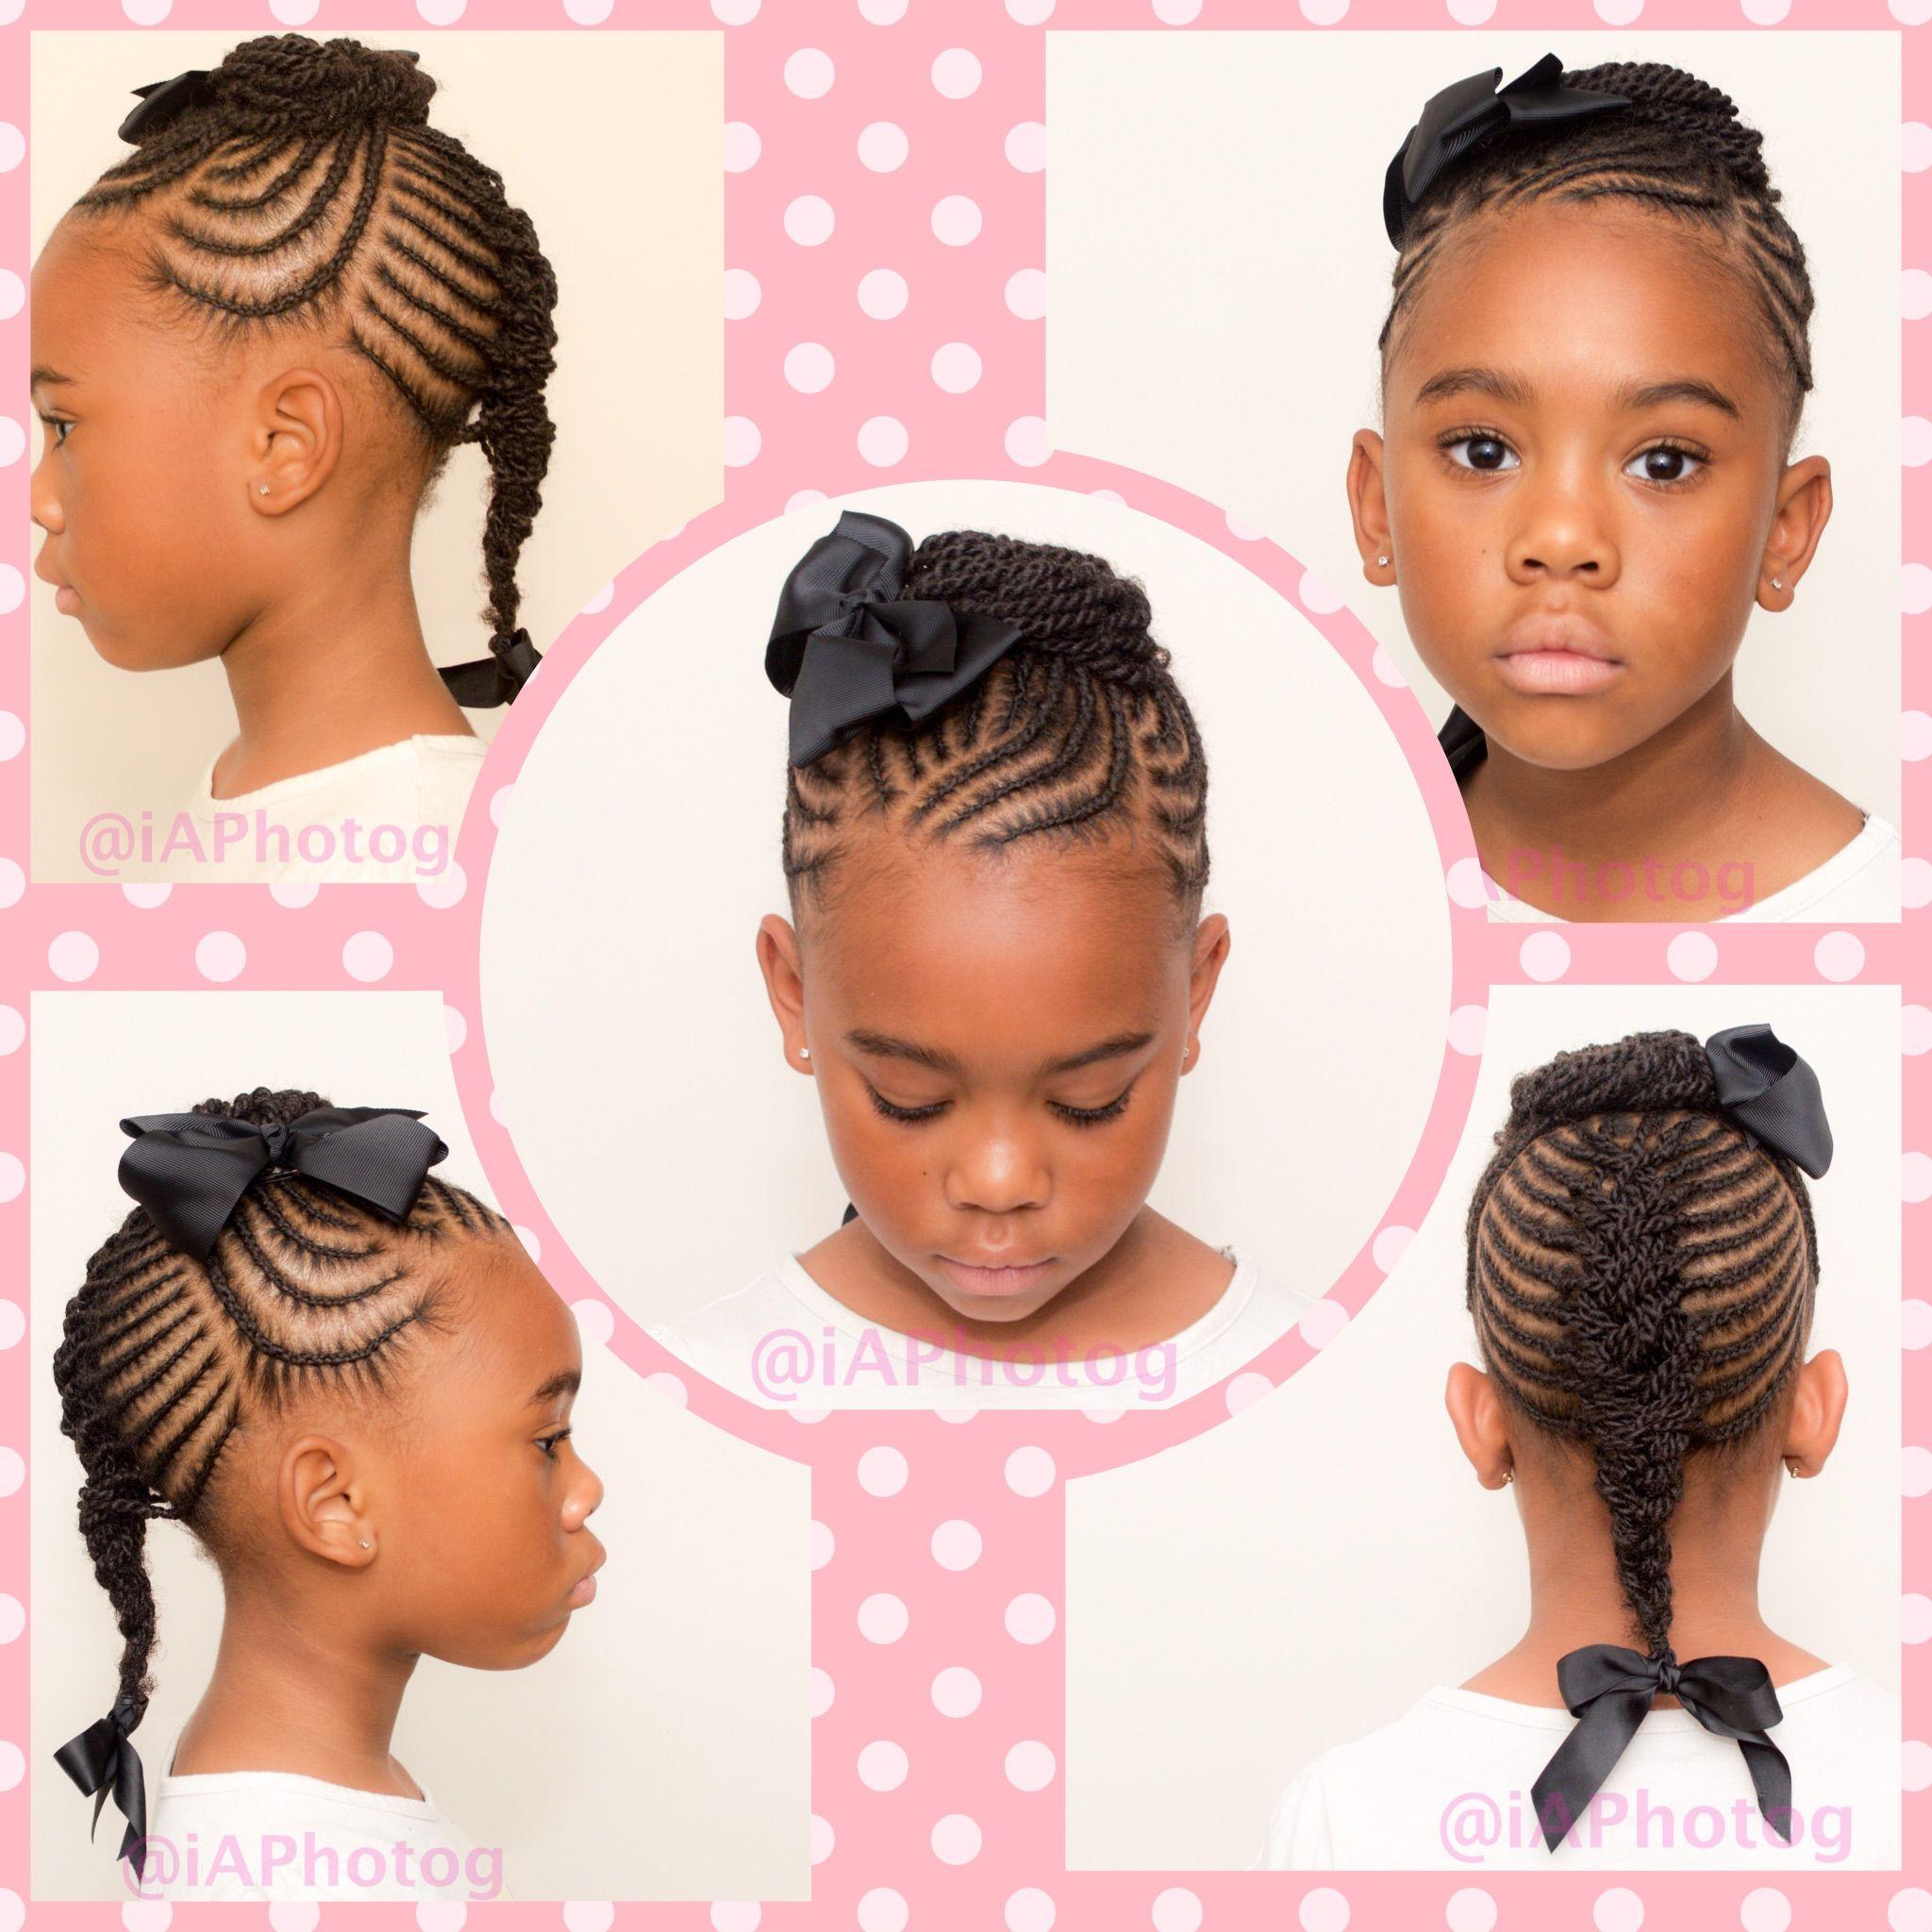 Cute braid hairstyle for kids ~TnC~ #naturalhair ...